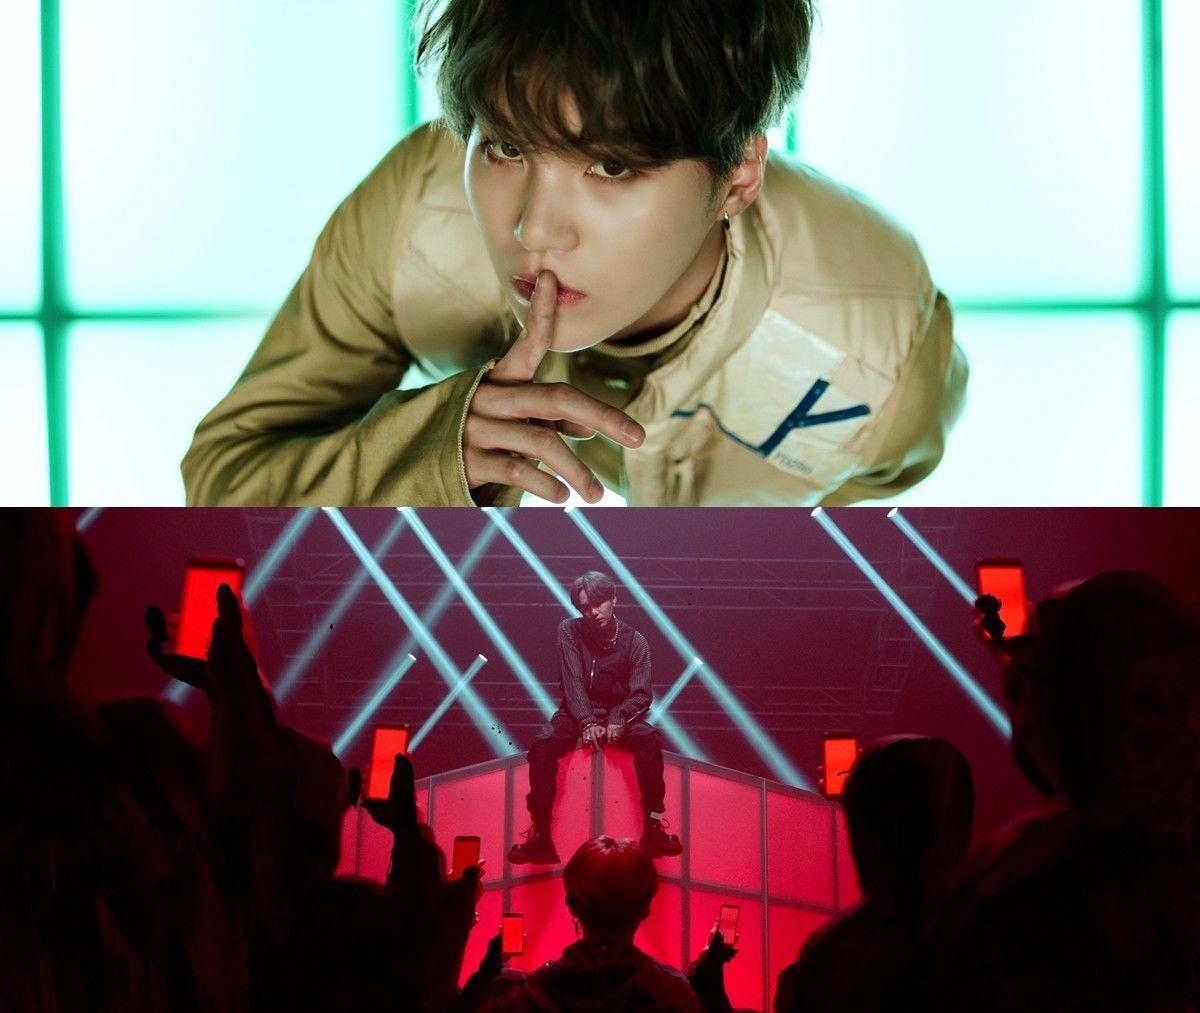 방탄소년단, 슈가 주인공 컴백 트레일러 'Shadow' 공개